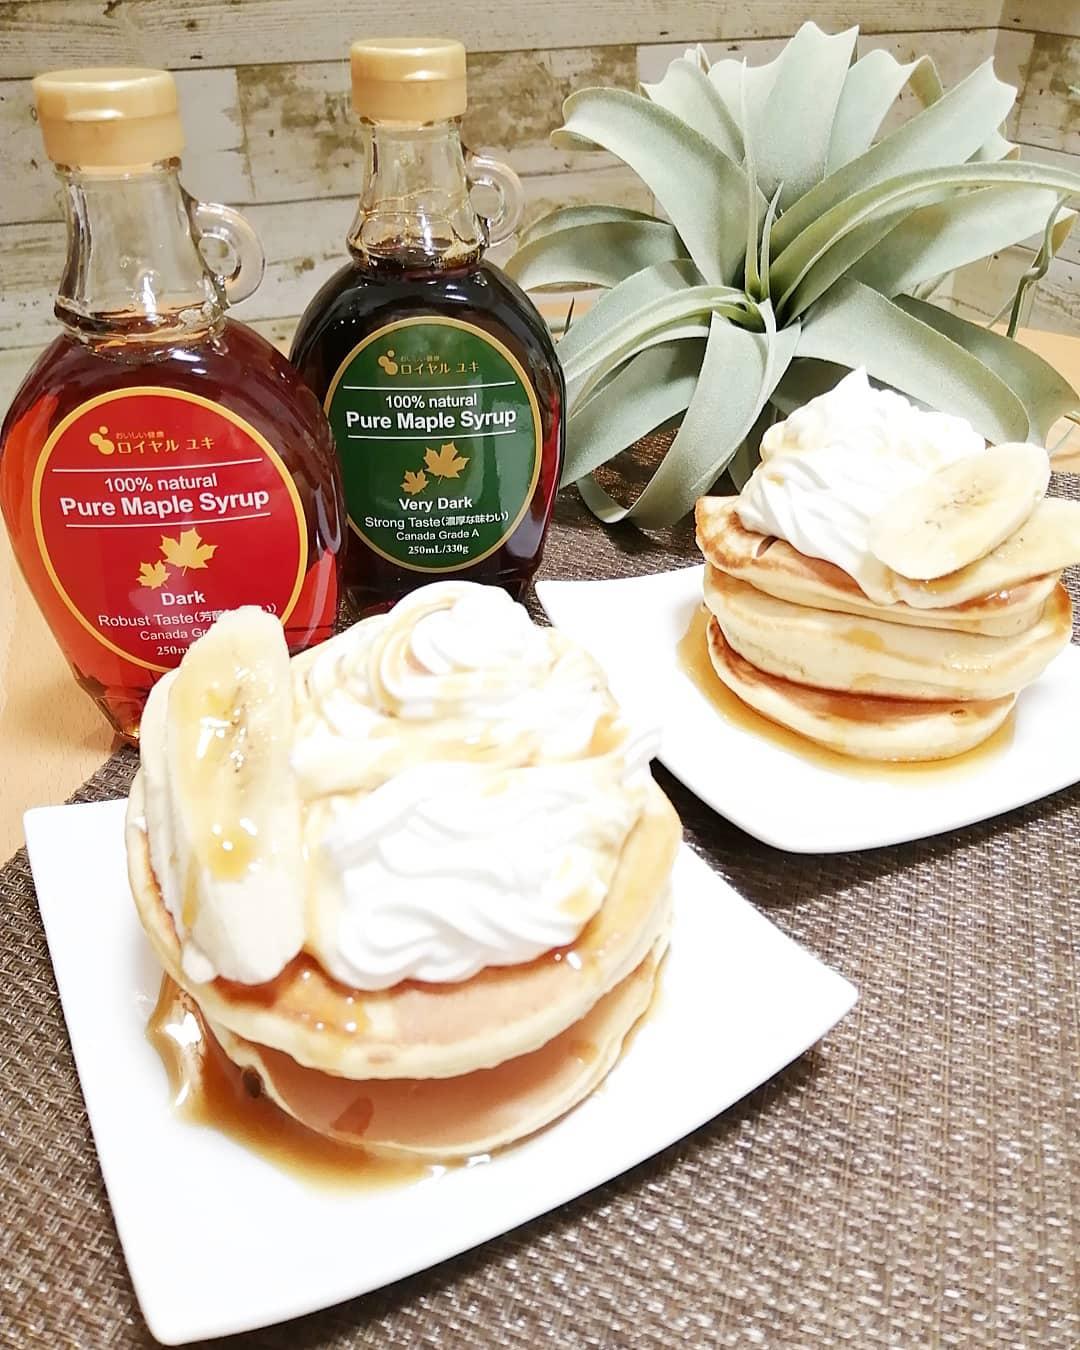 口コミ投稿:本場カナダ・ケベック州より直輸入の100%天然の甘味料「メープルシロップ2種類を使っ…